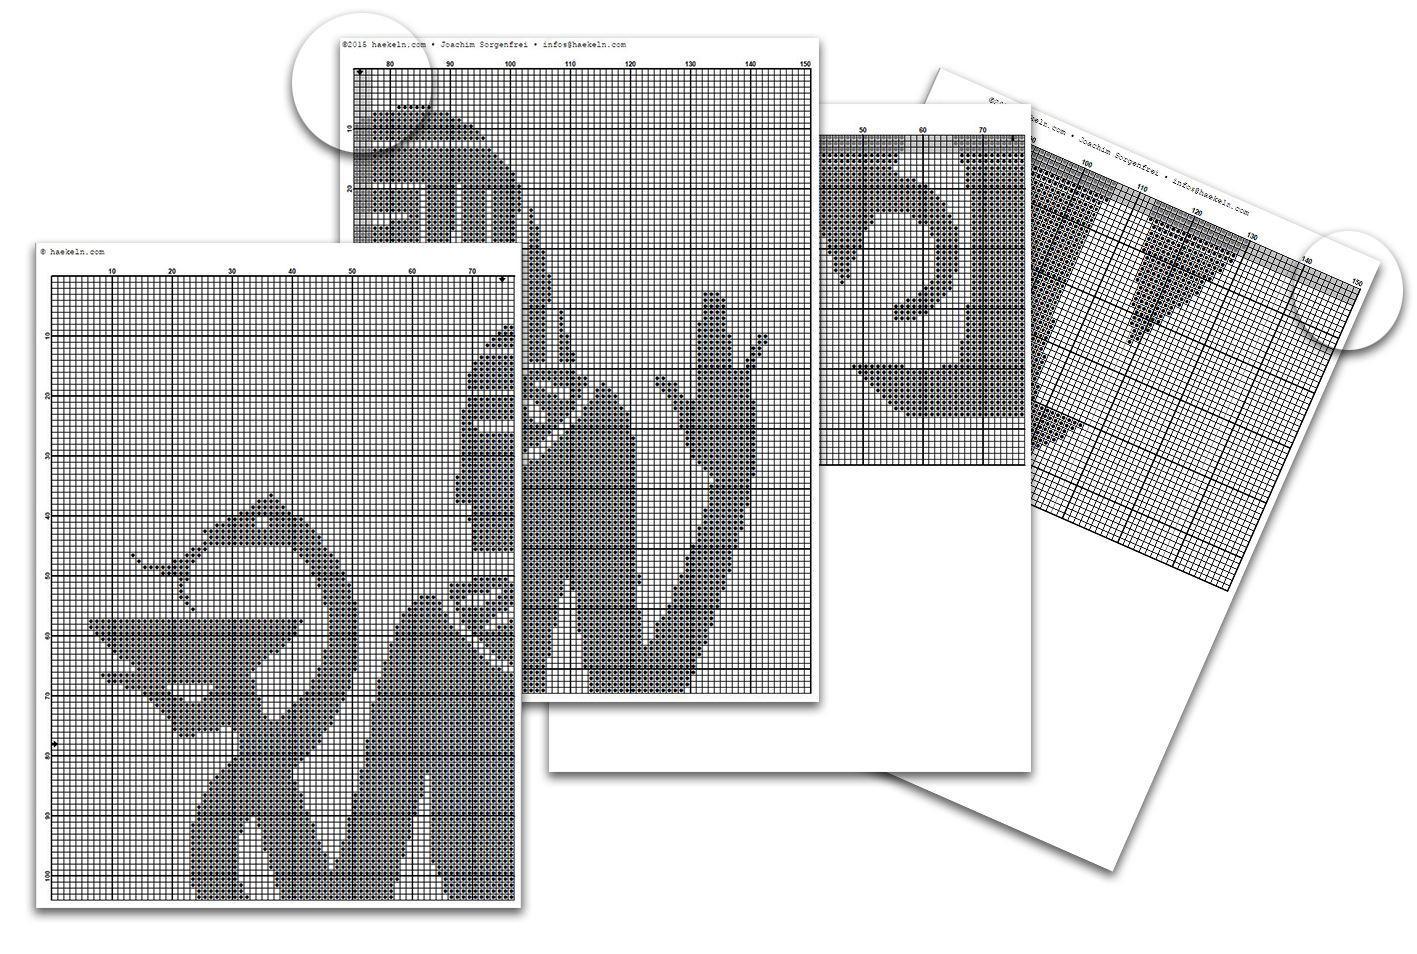 Full Size of Filethkeln Anleitungen Kostenlos Zum Ausdrucken Fenster Gardinen Für Wohnzimmer Küche Schlafzimmer Planen Die Scheibengardinen Wohnzimmer Gardinen Häkeln Anleitung Kostenlos